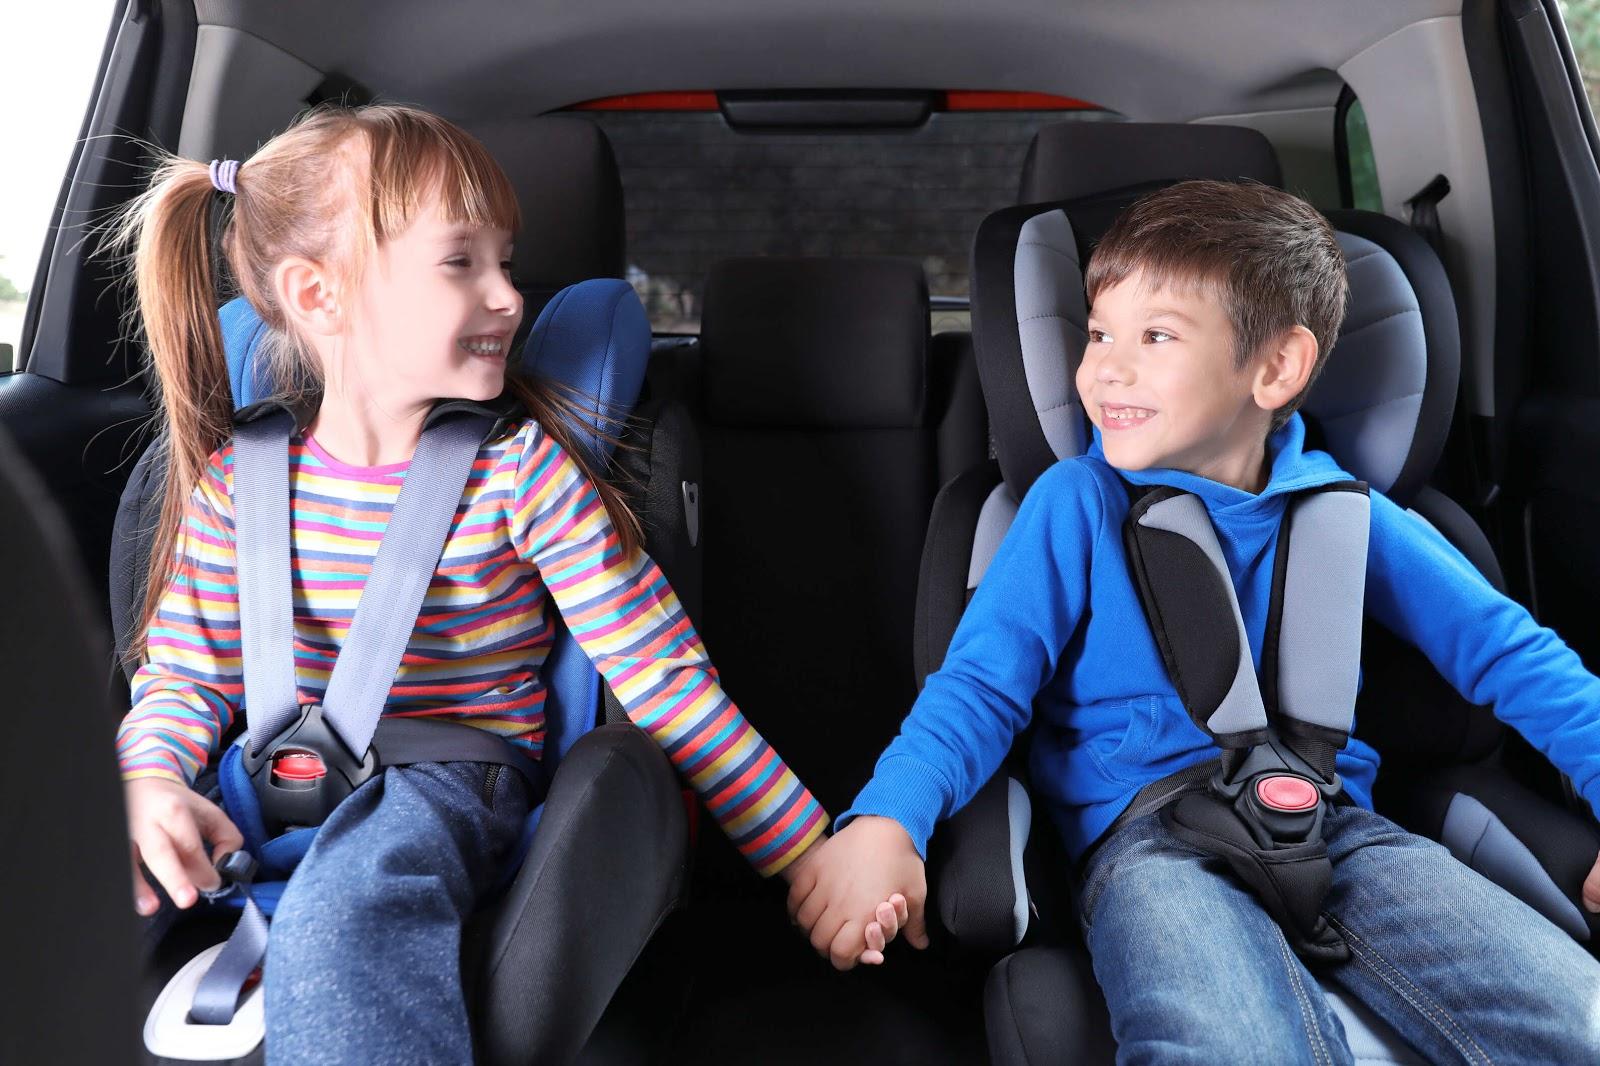 7 головних правил, яких слід дотримуватися для безпеки перевезення дітей в машині - Зображення 1